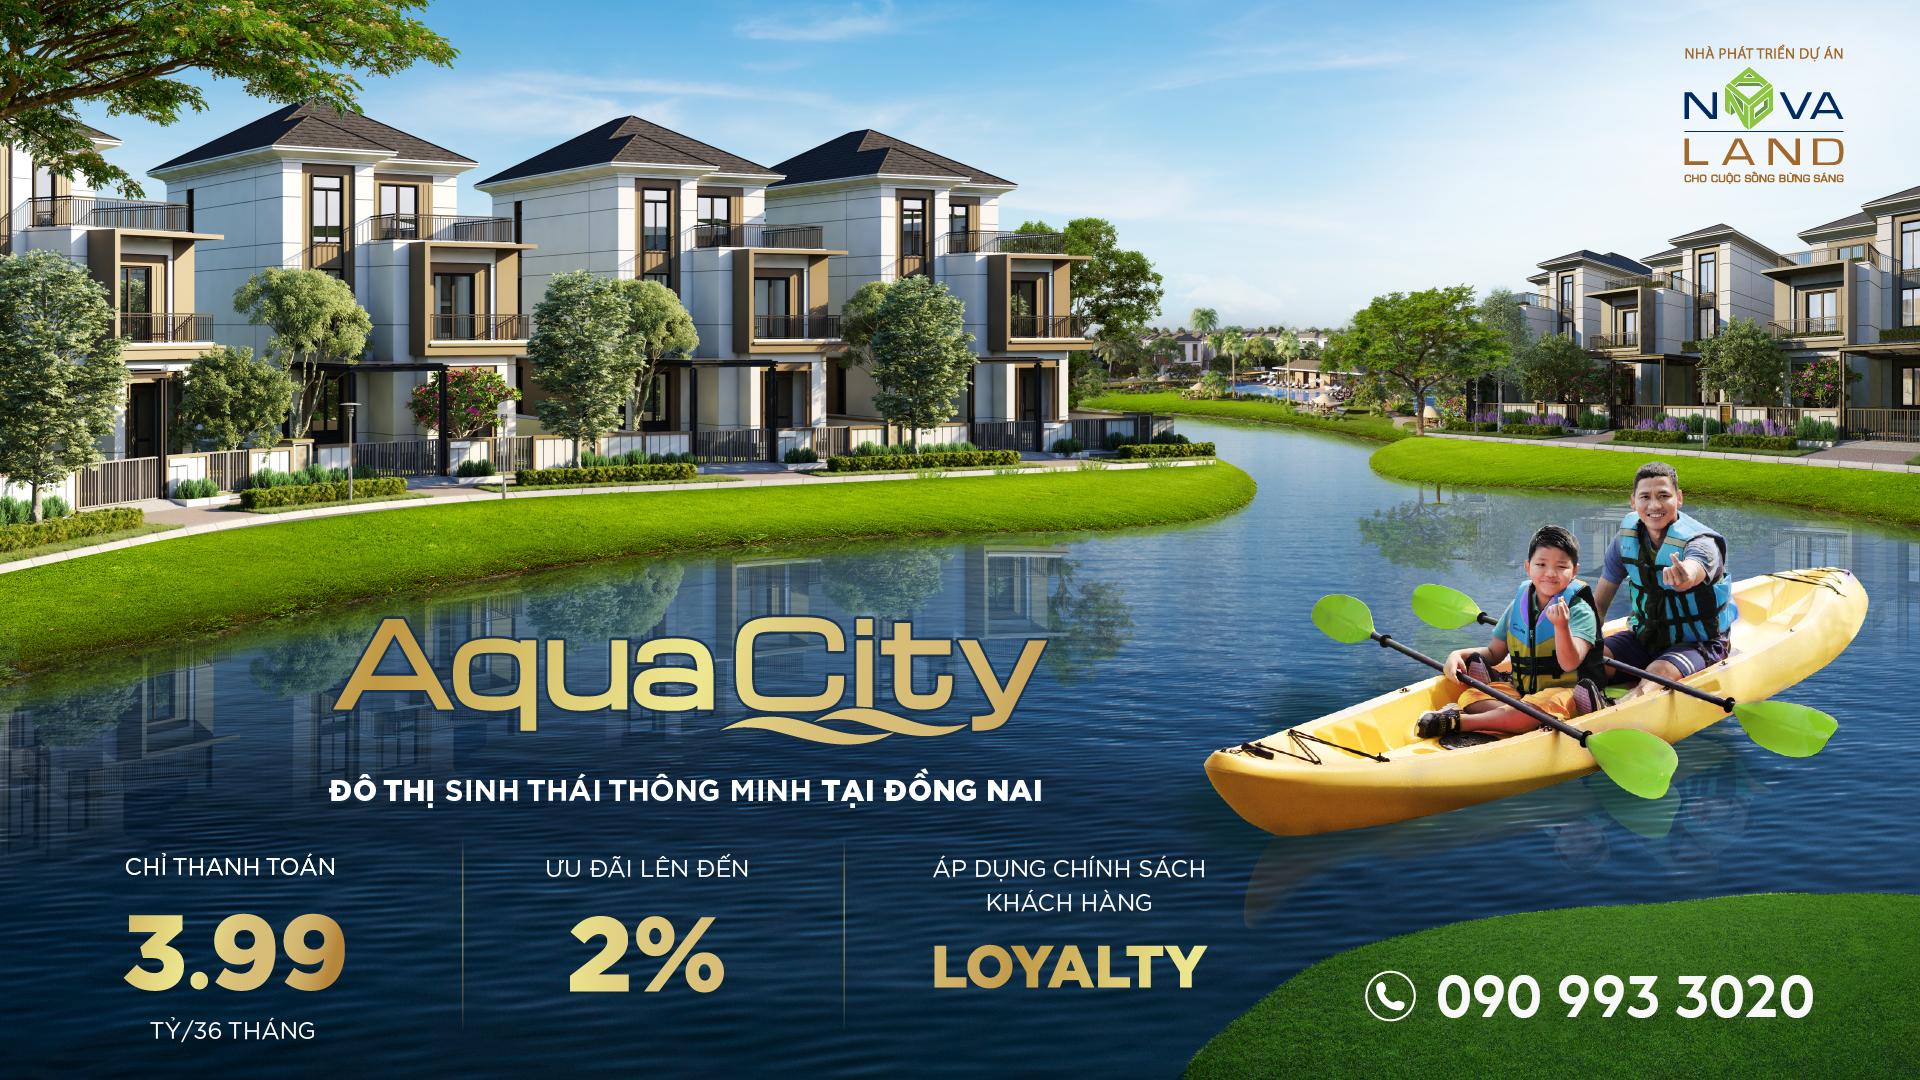 Sở hữu biệt thự 300m2 giai đoạn 2 Aqua City với nhiều ưu đãi lớn.